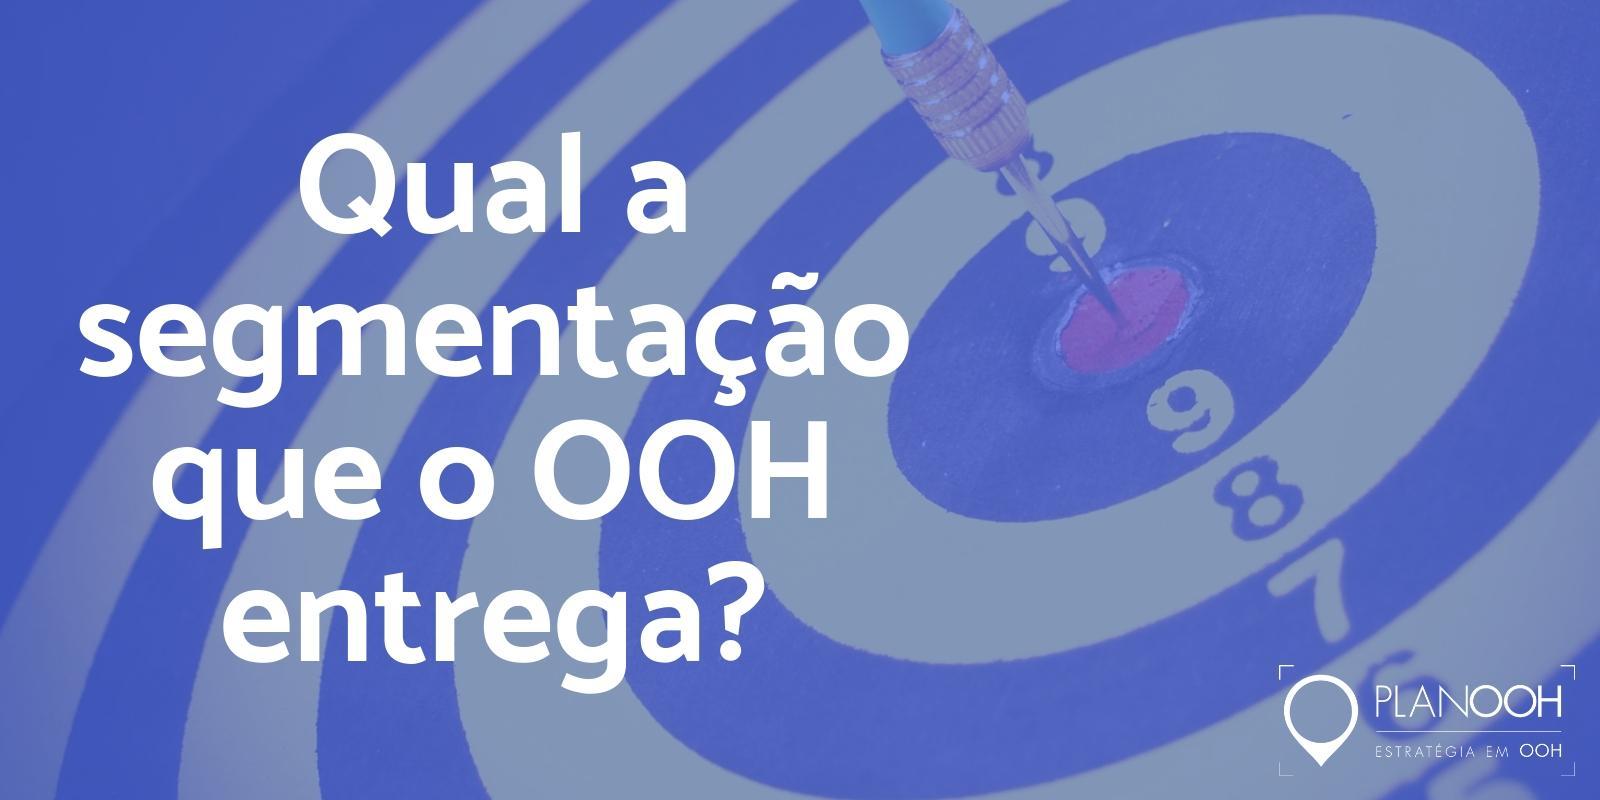 Qual a segmentação que o OOH entrega?